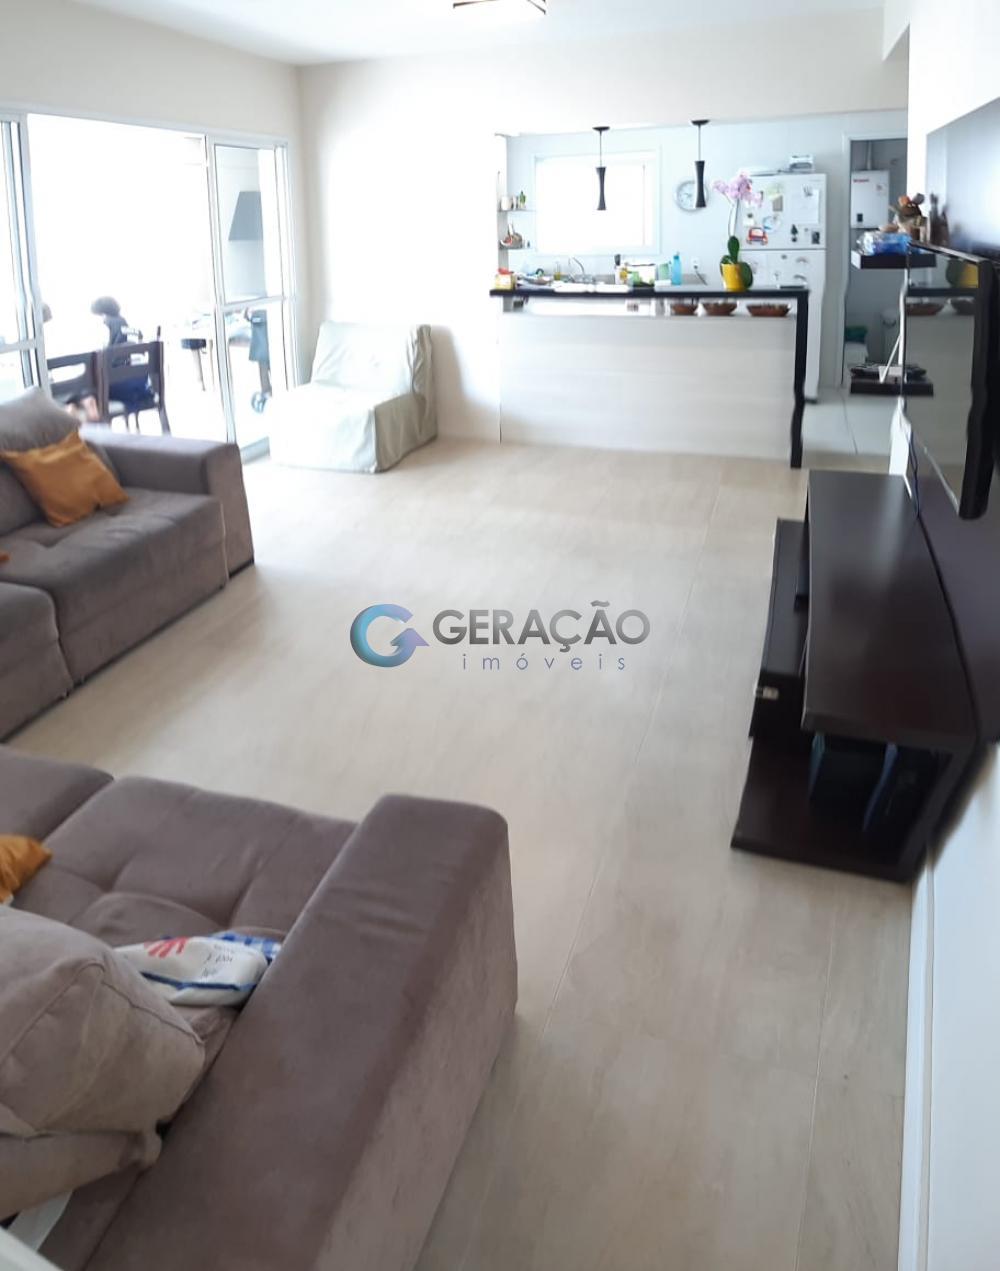 Comprar Apartamento / Padrão em São José dos Campos apenas R$ 800.000,00 - Foto 3